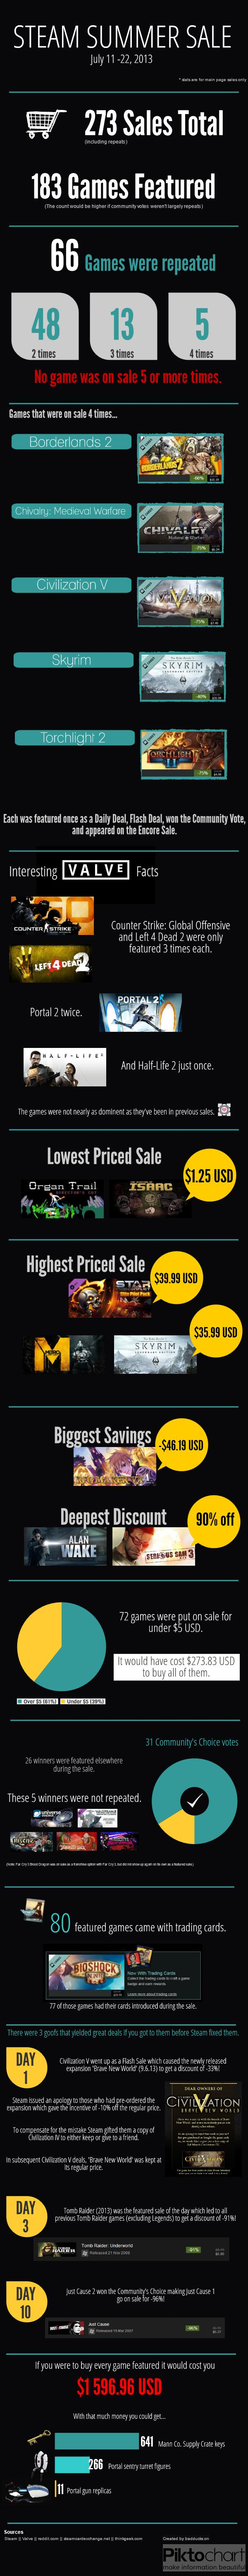 steam_summer_sale_infographic